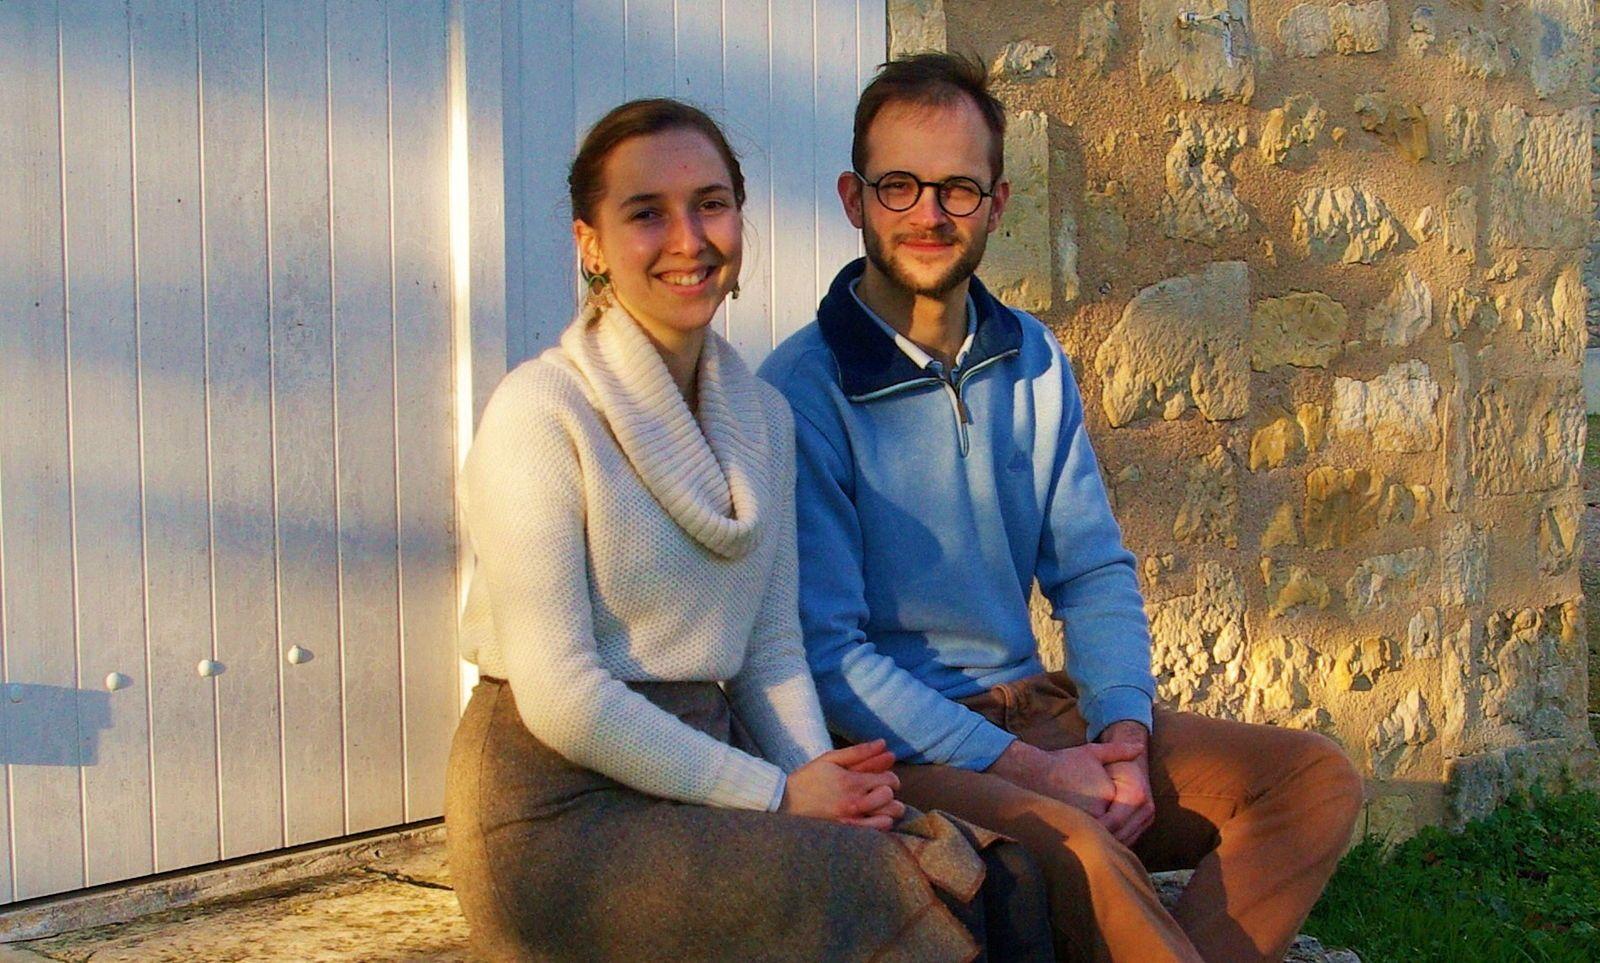 Futurs mariés cherchent logement contre services, Poitiers ou prox